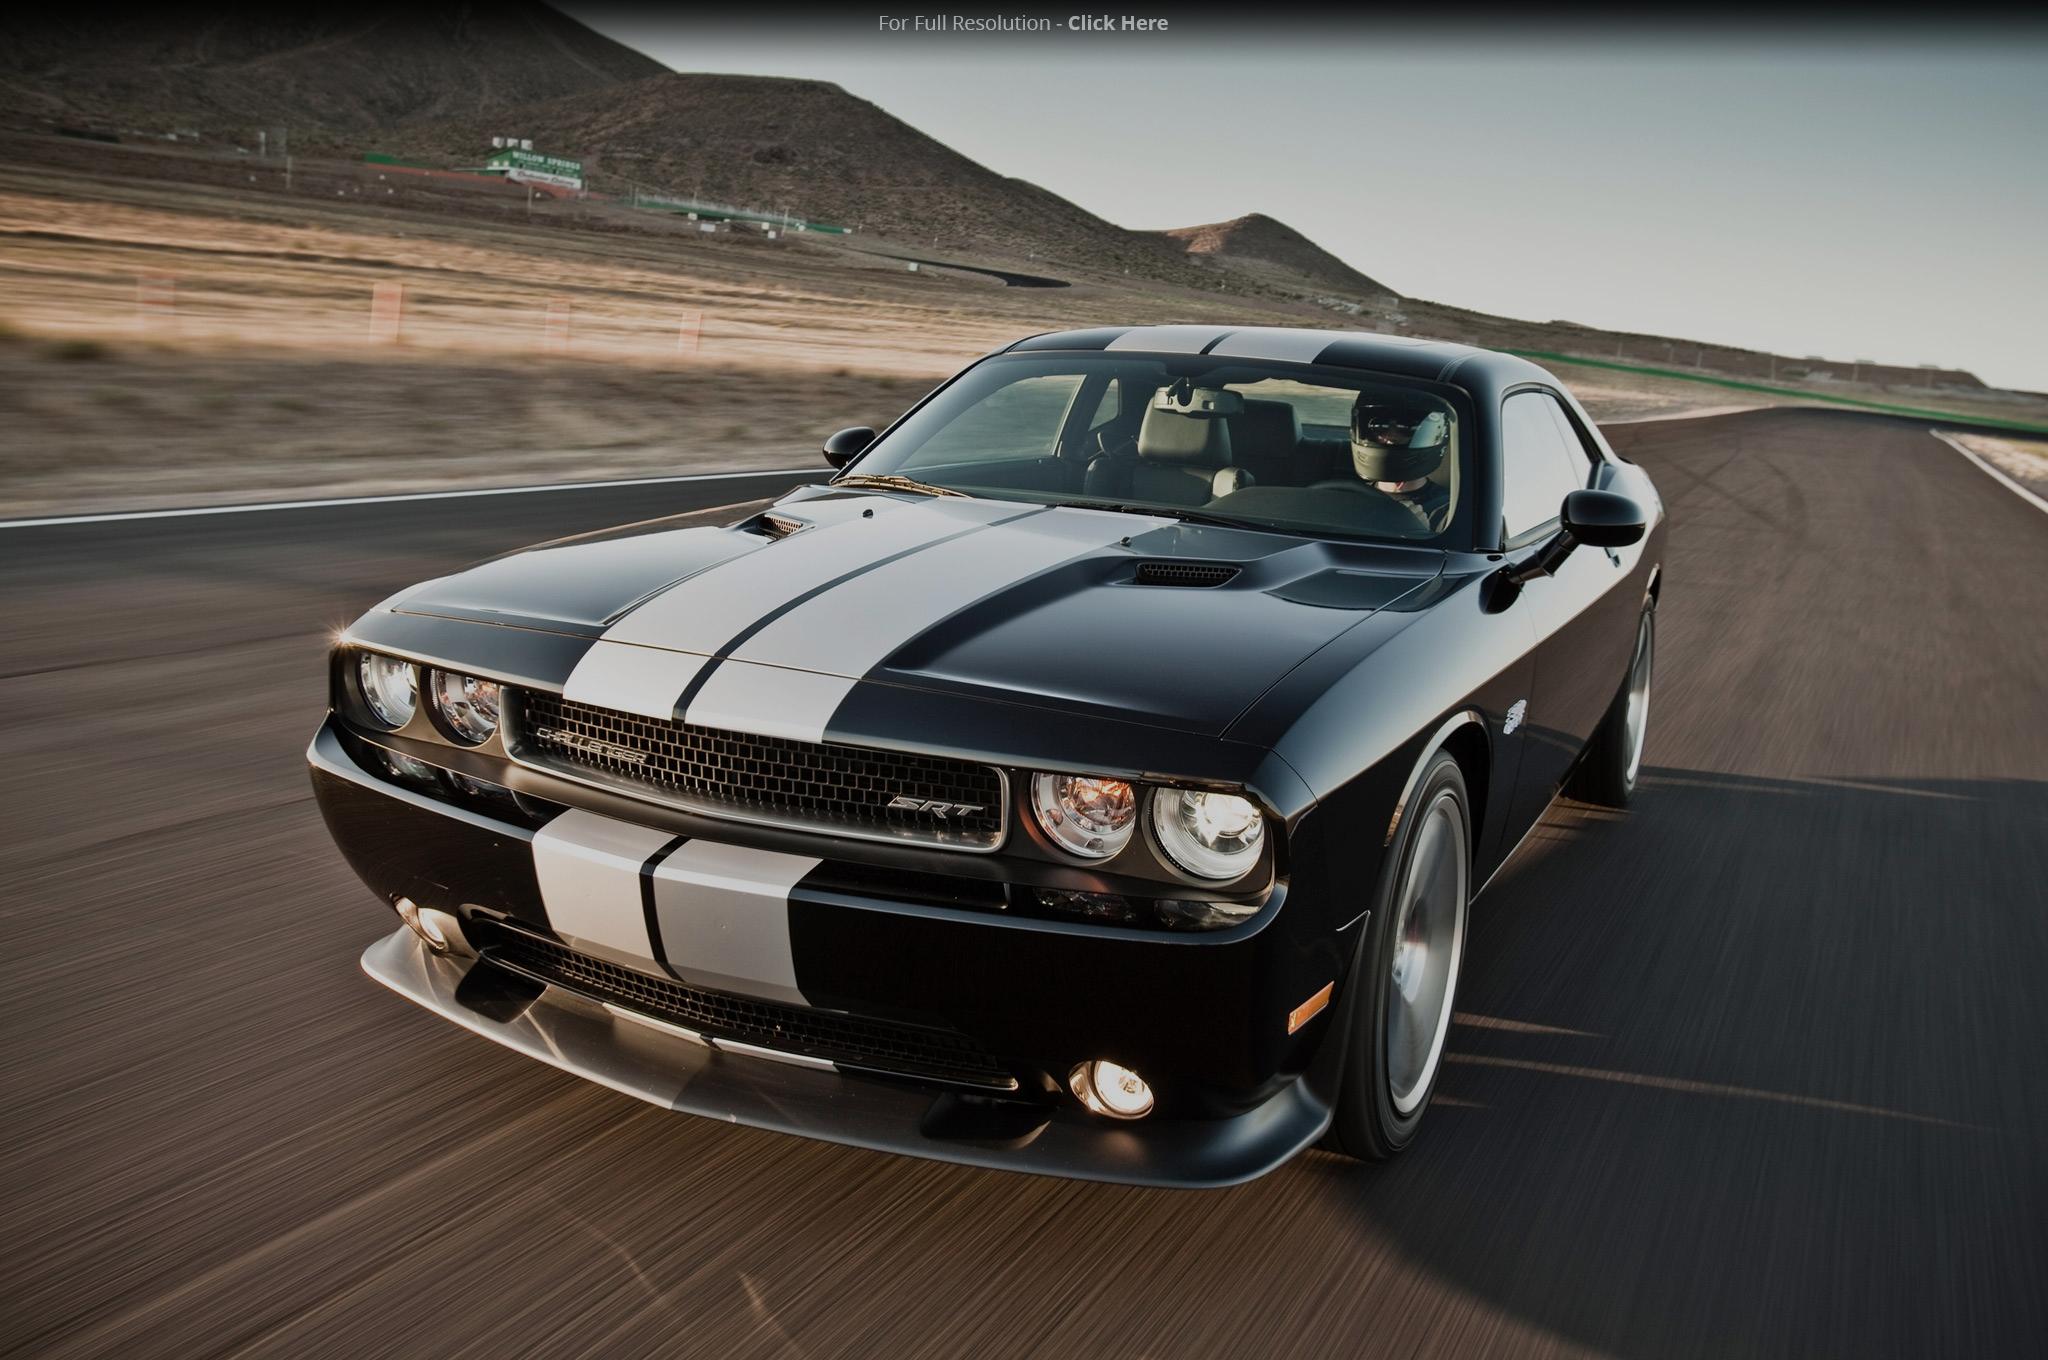 2015 Dodge Barracuda Price >> 2016 Dodge Challenger Hellcat Wallpaper - WallpaperSafari